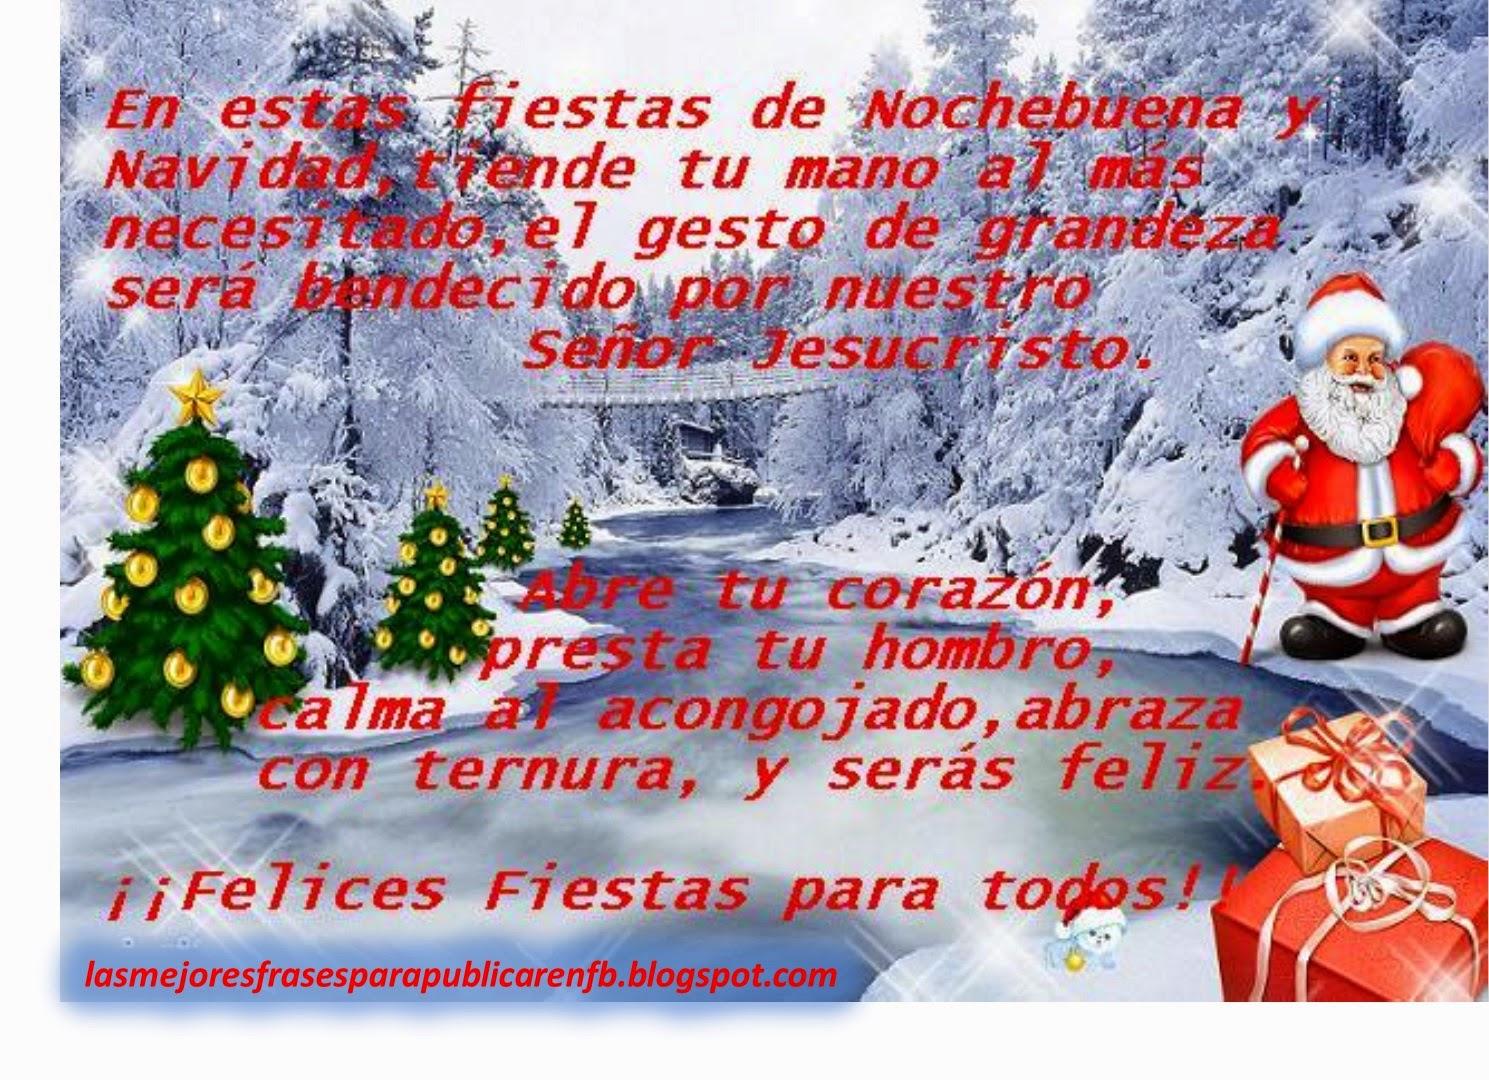 Frases De Navidad: En Estas Fiestas De Nochebuena Y Navidad